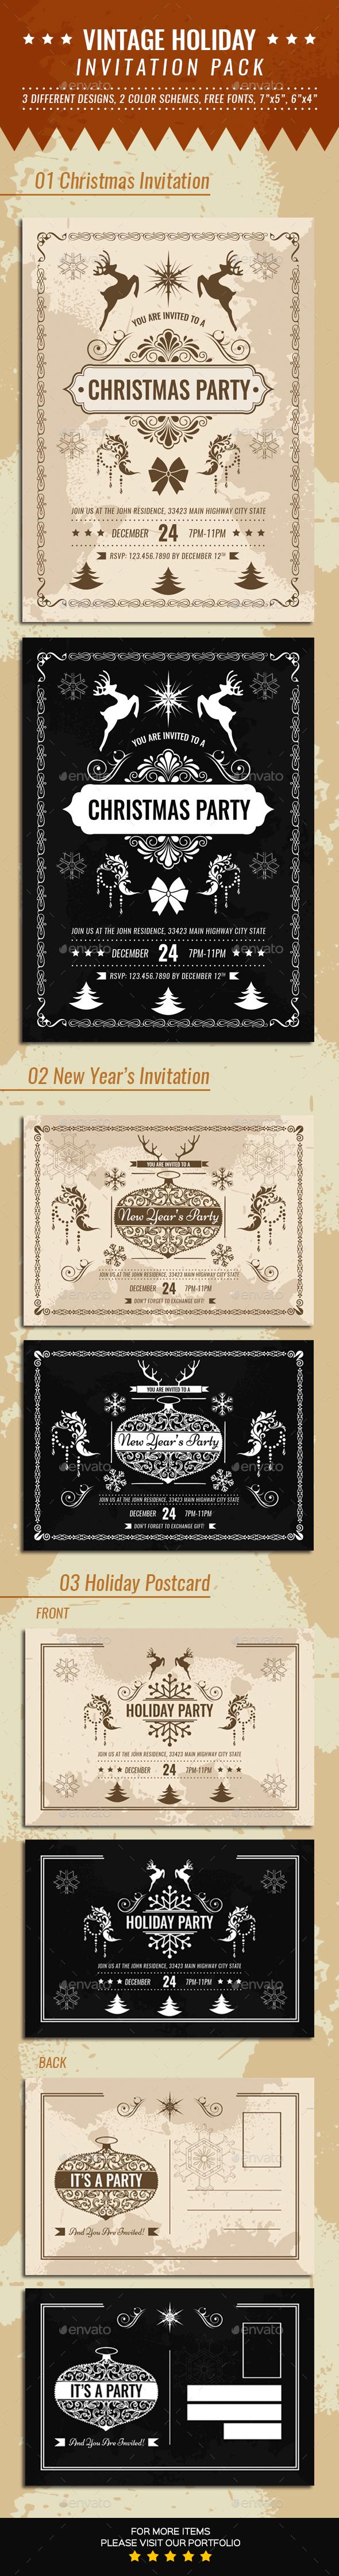 Vintage Holiday Invitation Pack - Invitations Cards & Invites